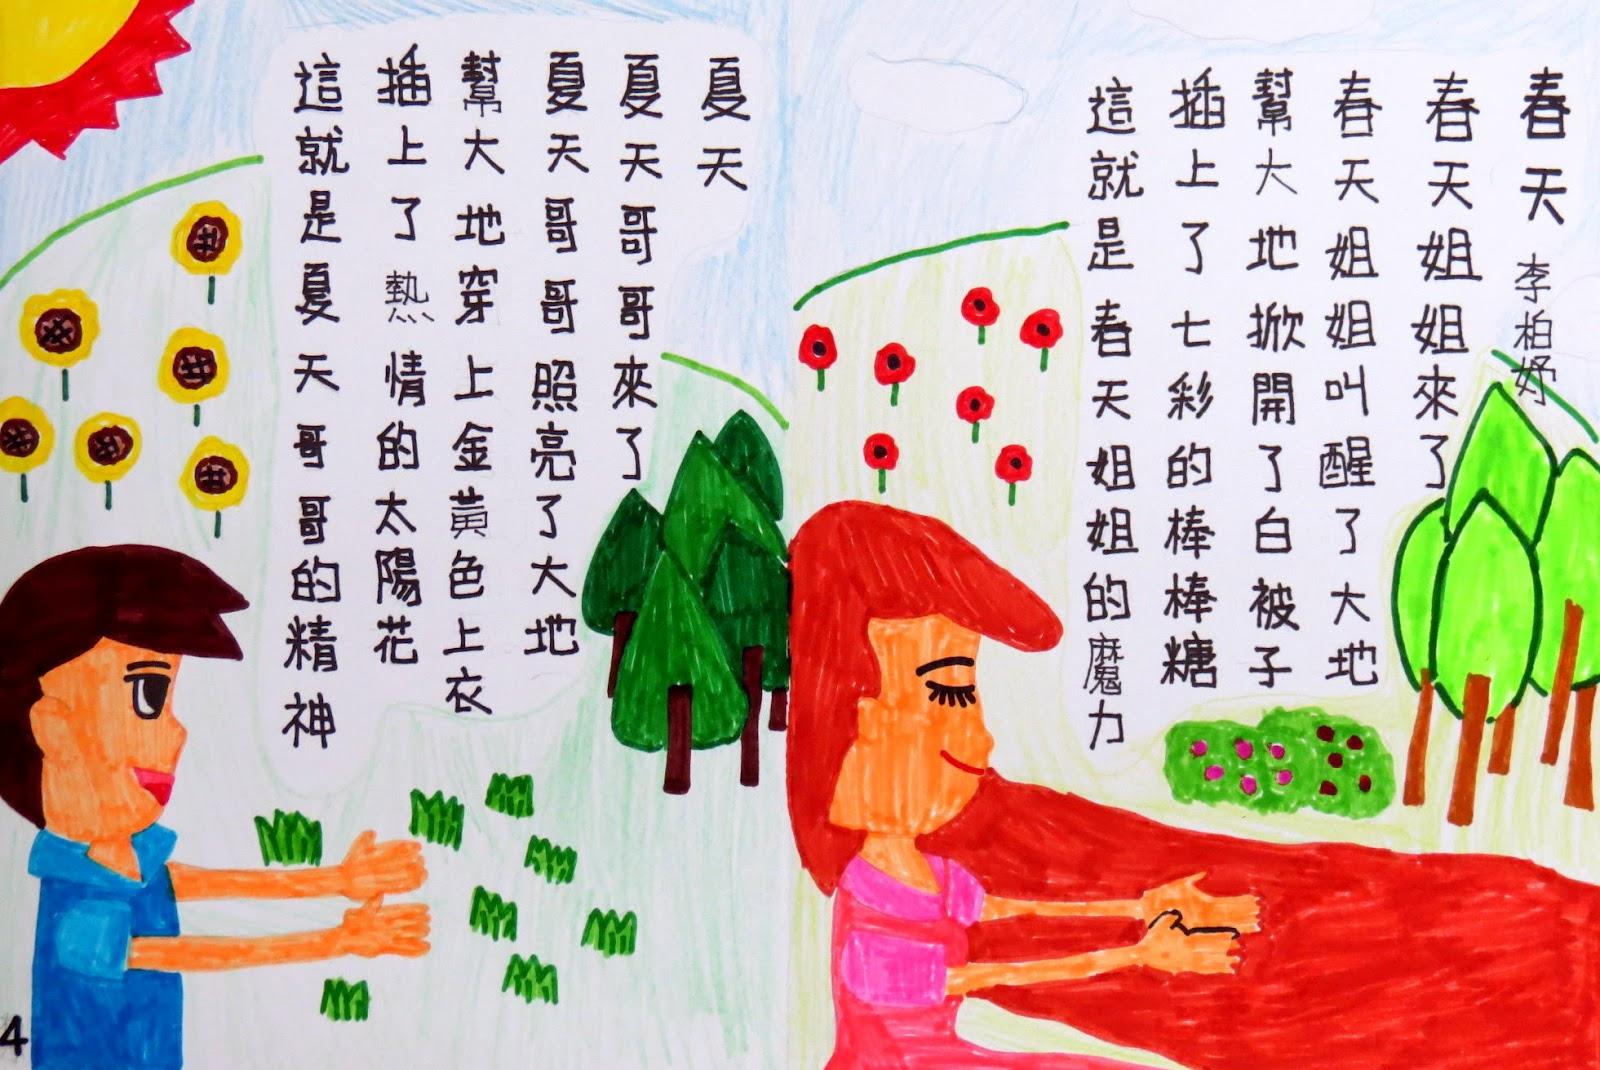 桂林國小六年三班網頁: 四季的聯想-童詩分享與回饋